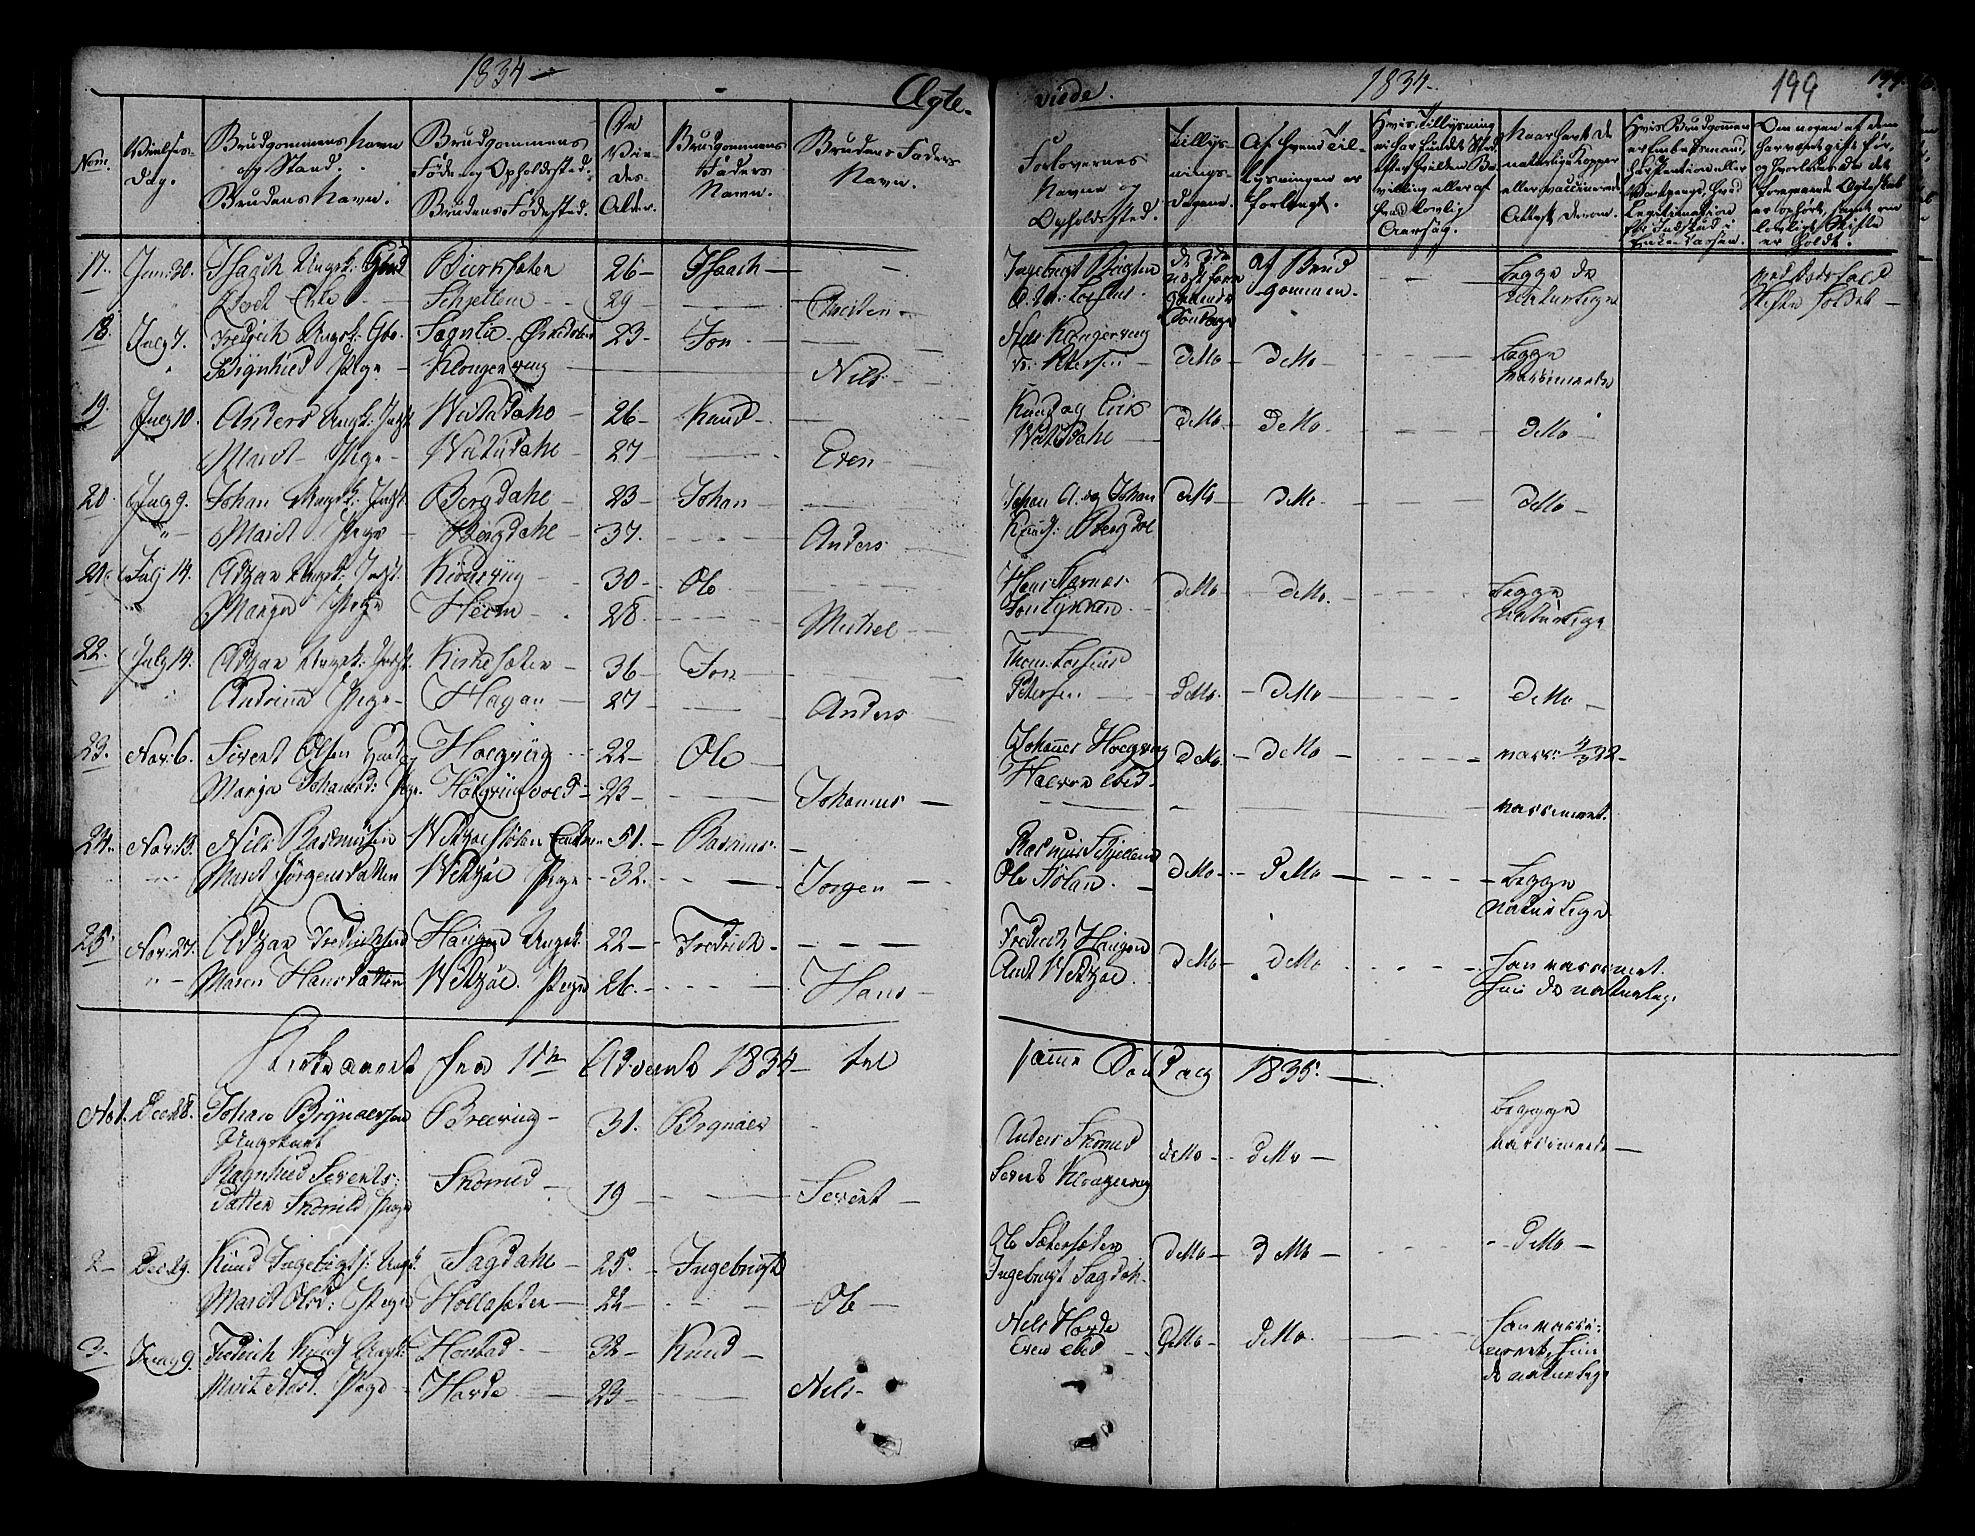 SAT, Ministerialprotokoller, klokkerbøker og fødselsregistre - Sør-Trøndelag, 630/L0492: Ministerialbok nr. 630A05, 1830-1840, s. 199